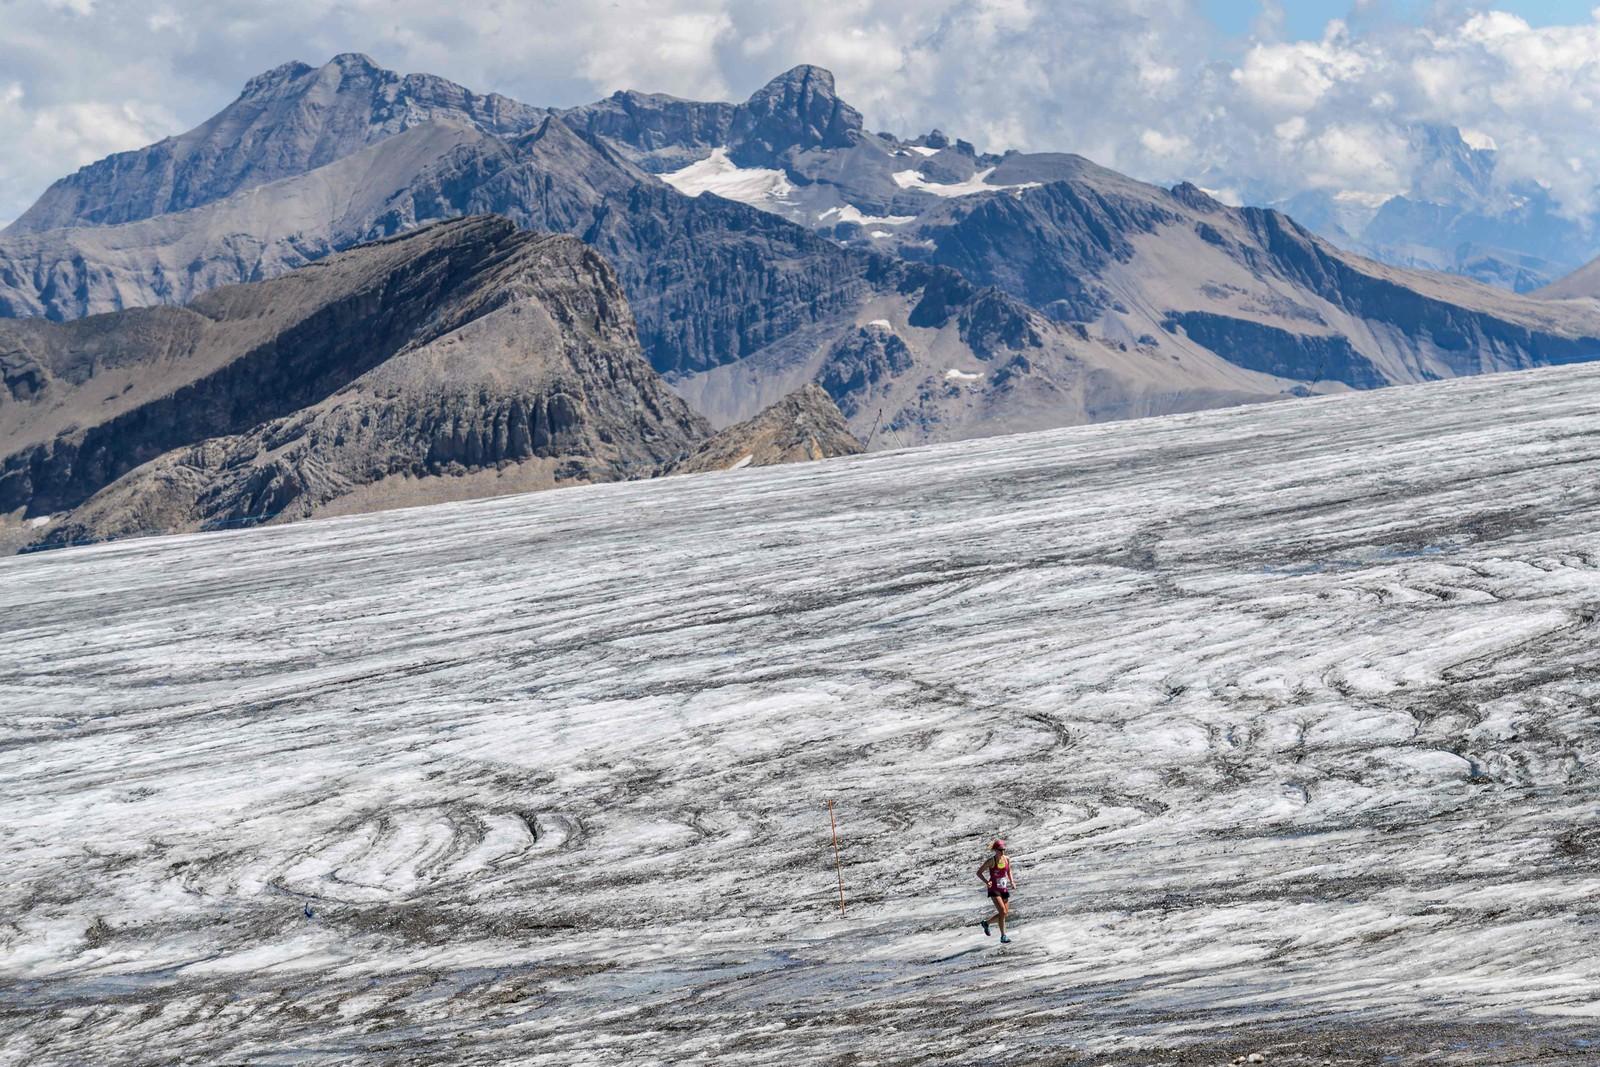 En deltaker i løpet Glacier 3000 forrige helg forserer Tsanfleuron-isbreen i nærheten av Les Diablerets i Sveits. 1200 deltakere løp enten 26 km eller maraton-distansen. Fjell-maratonet ble arrangert for første gang og ble kalt det tøffeste i Sveits. Starten gikk i Gstaad og løperne måtte forsere 2757 høydemeter. Tim Short og Andrea Huser tok seieren i henholdsvis herre- og kvinneklassen på maraton-distansen.